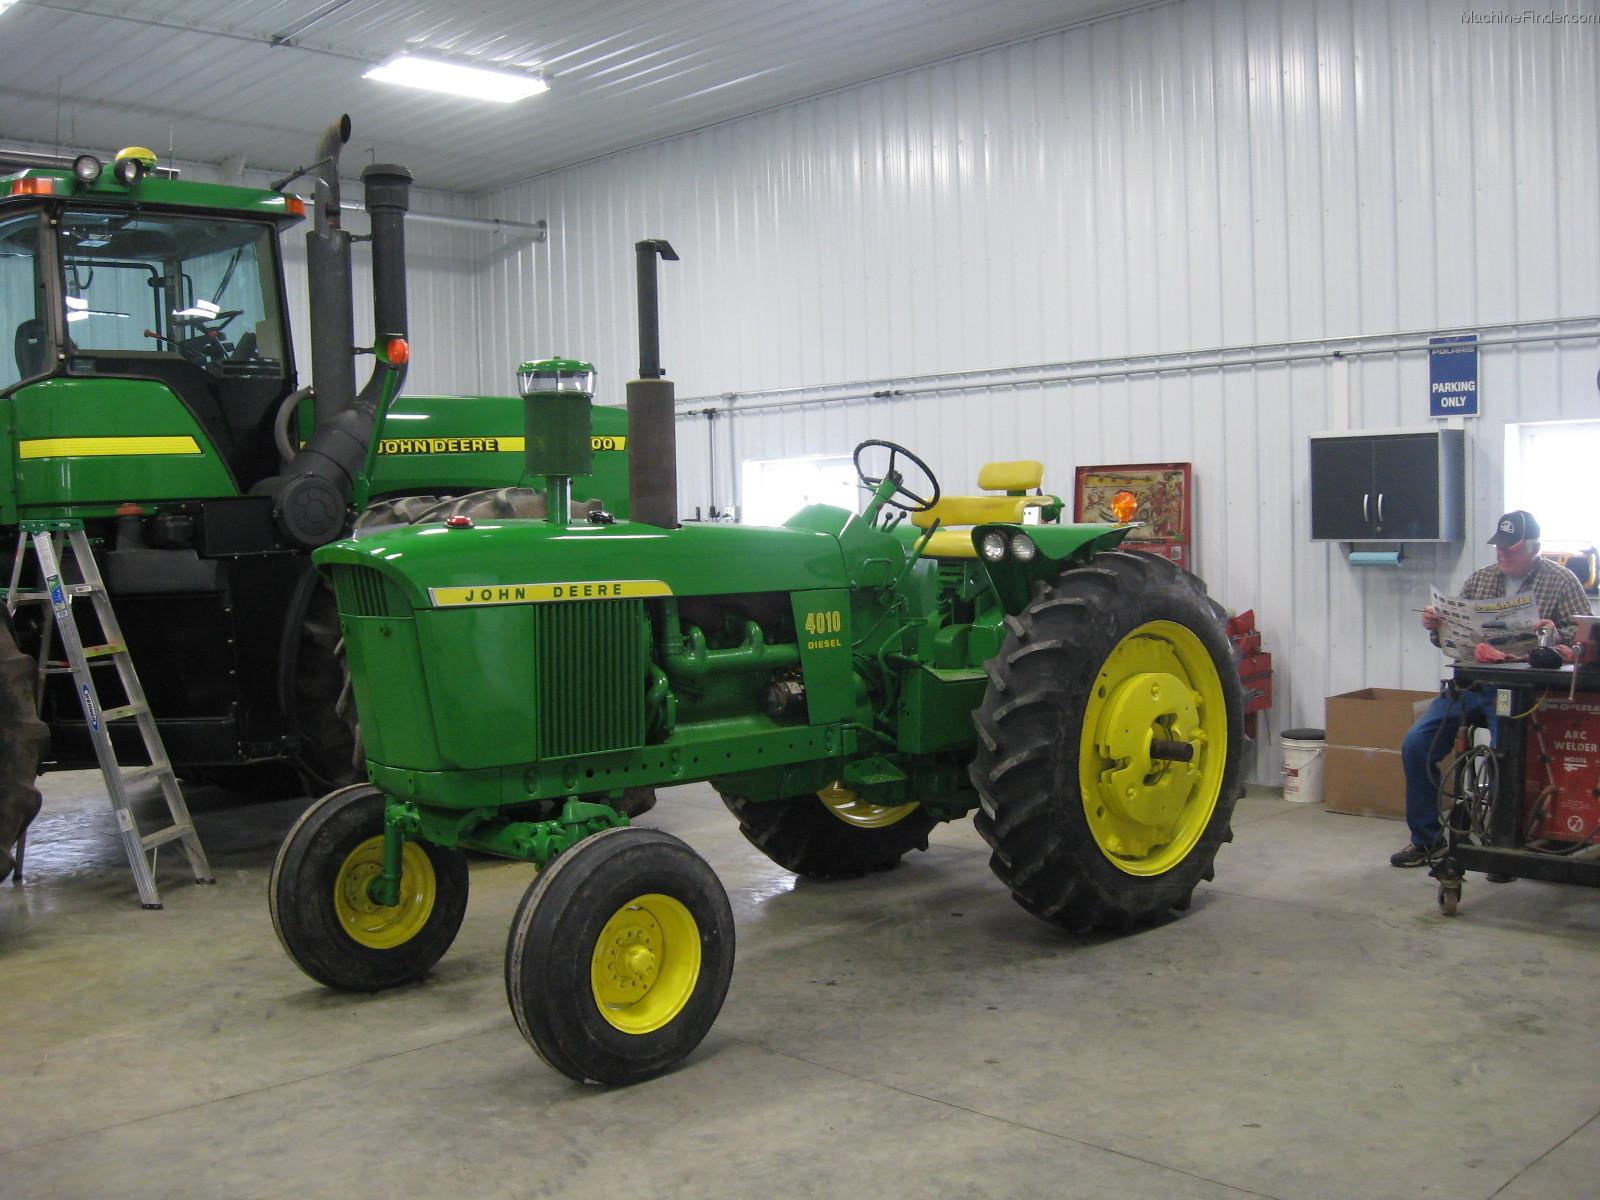 John Deere 4010 Tractors - Row Crop (+100hp) - John Deere ...